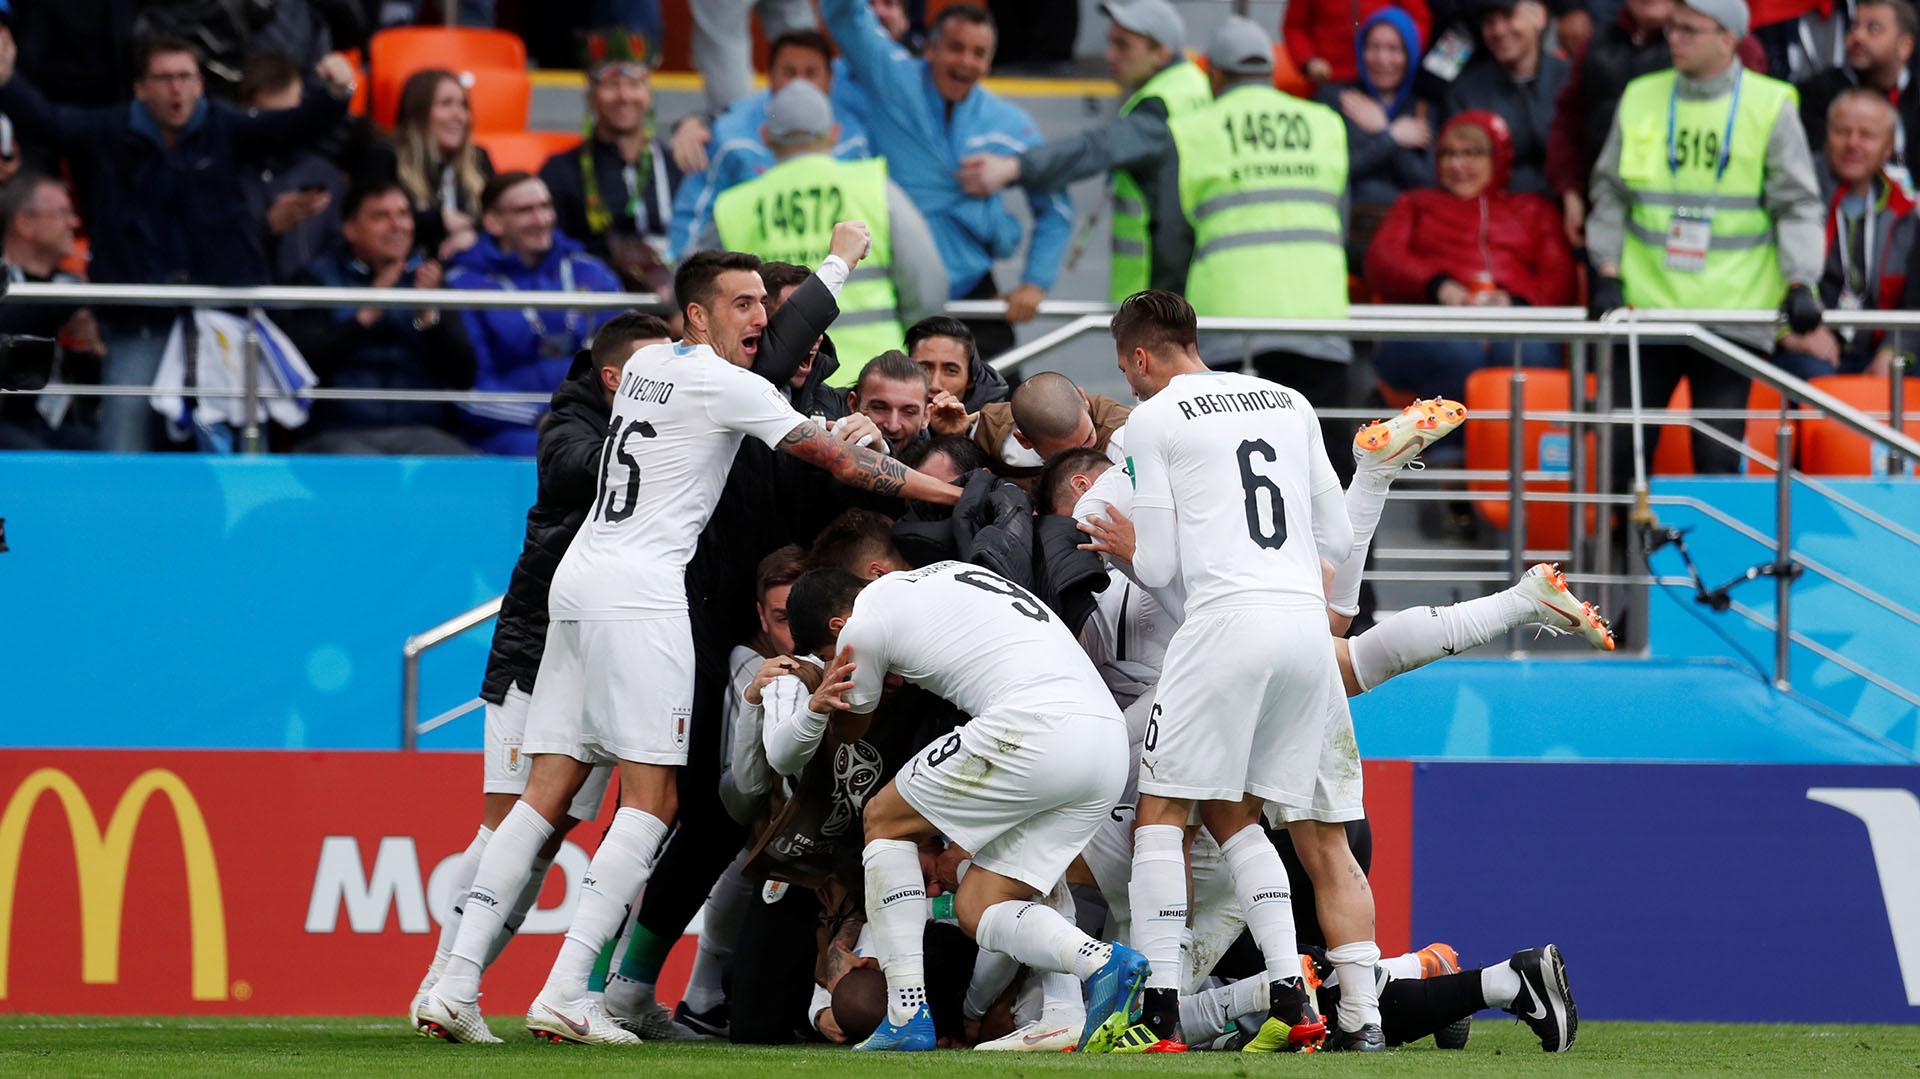 Uruguay consiguió 3 puntos y se ubica segundo en el Grupo A